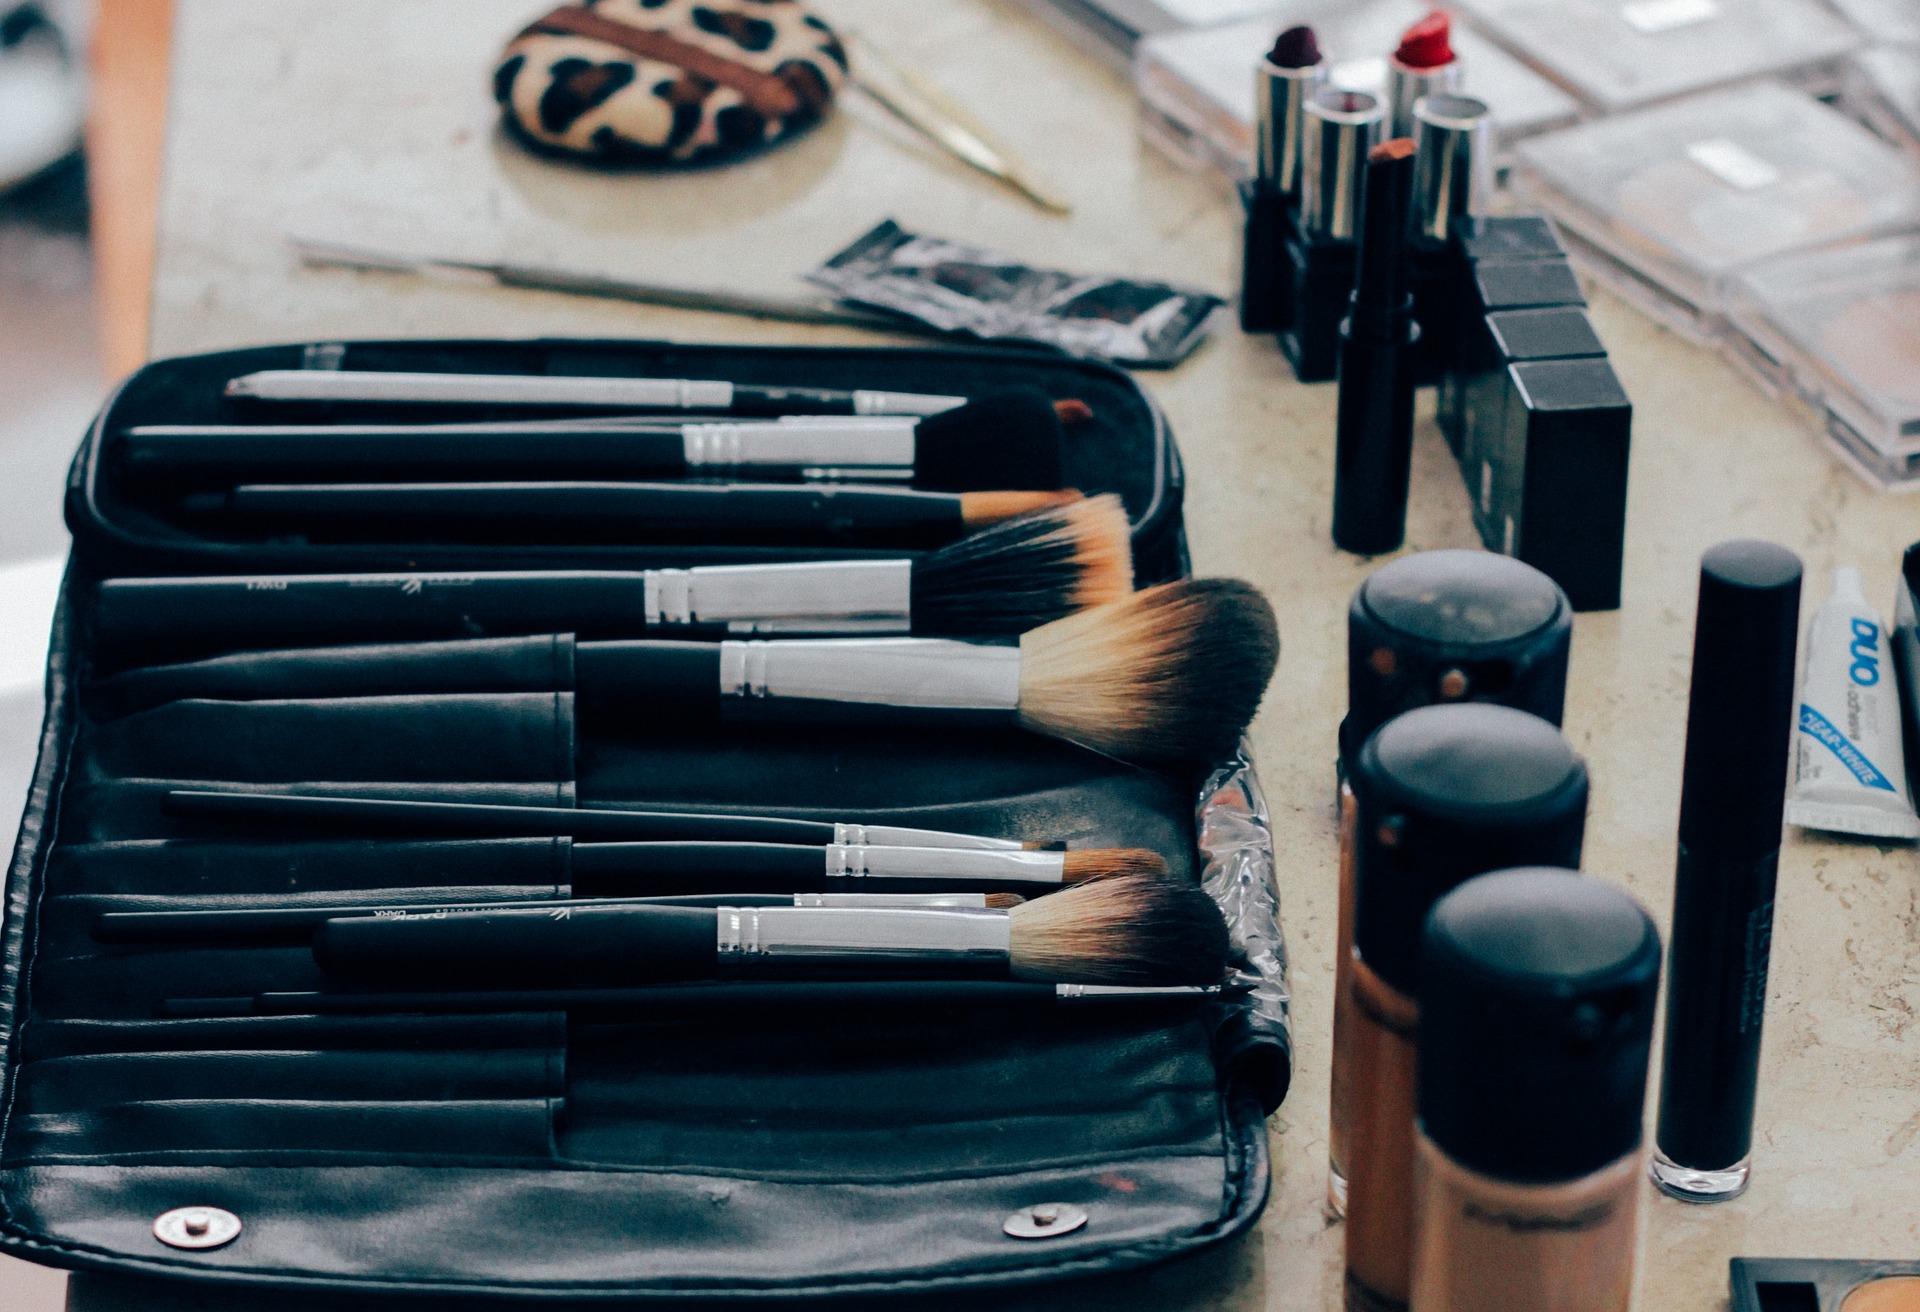 regali natale: make up